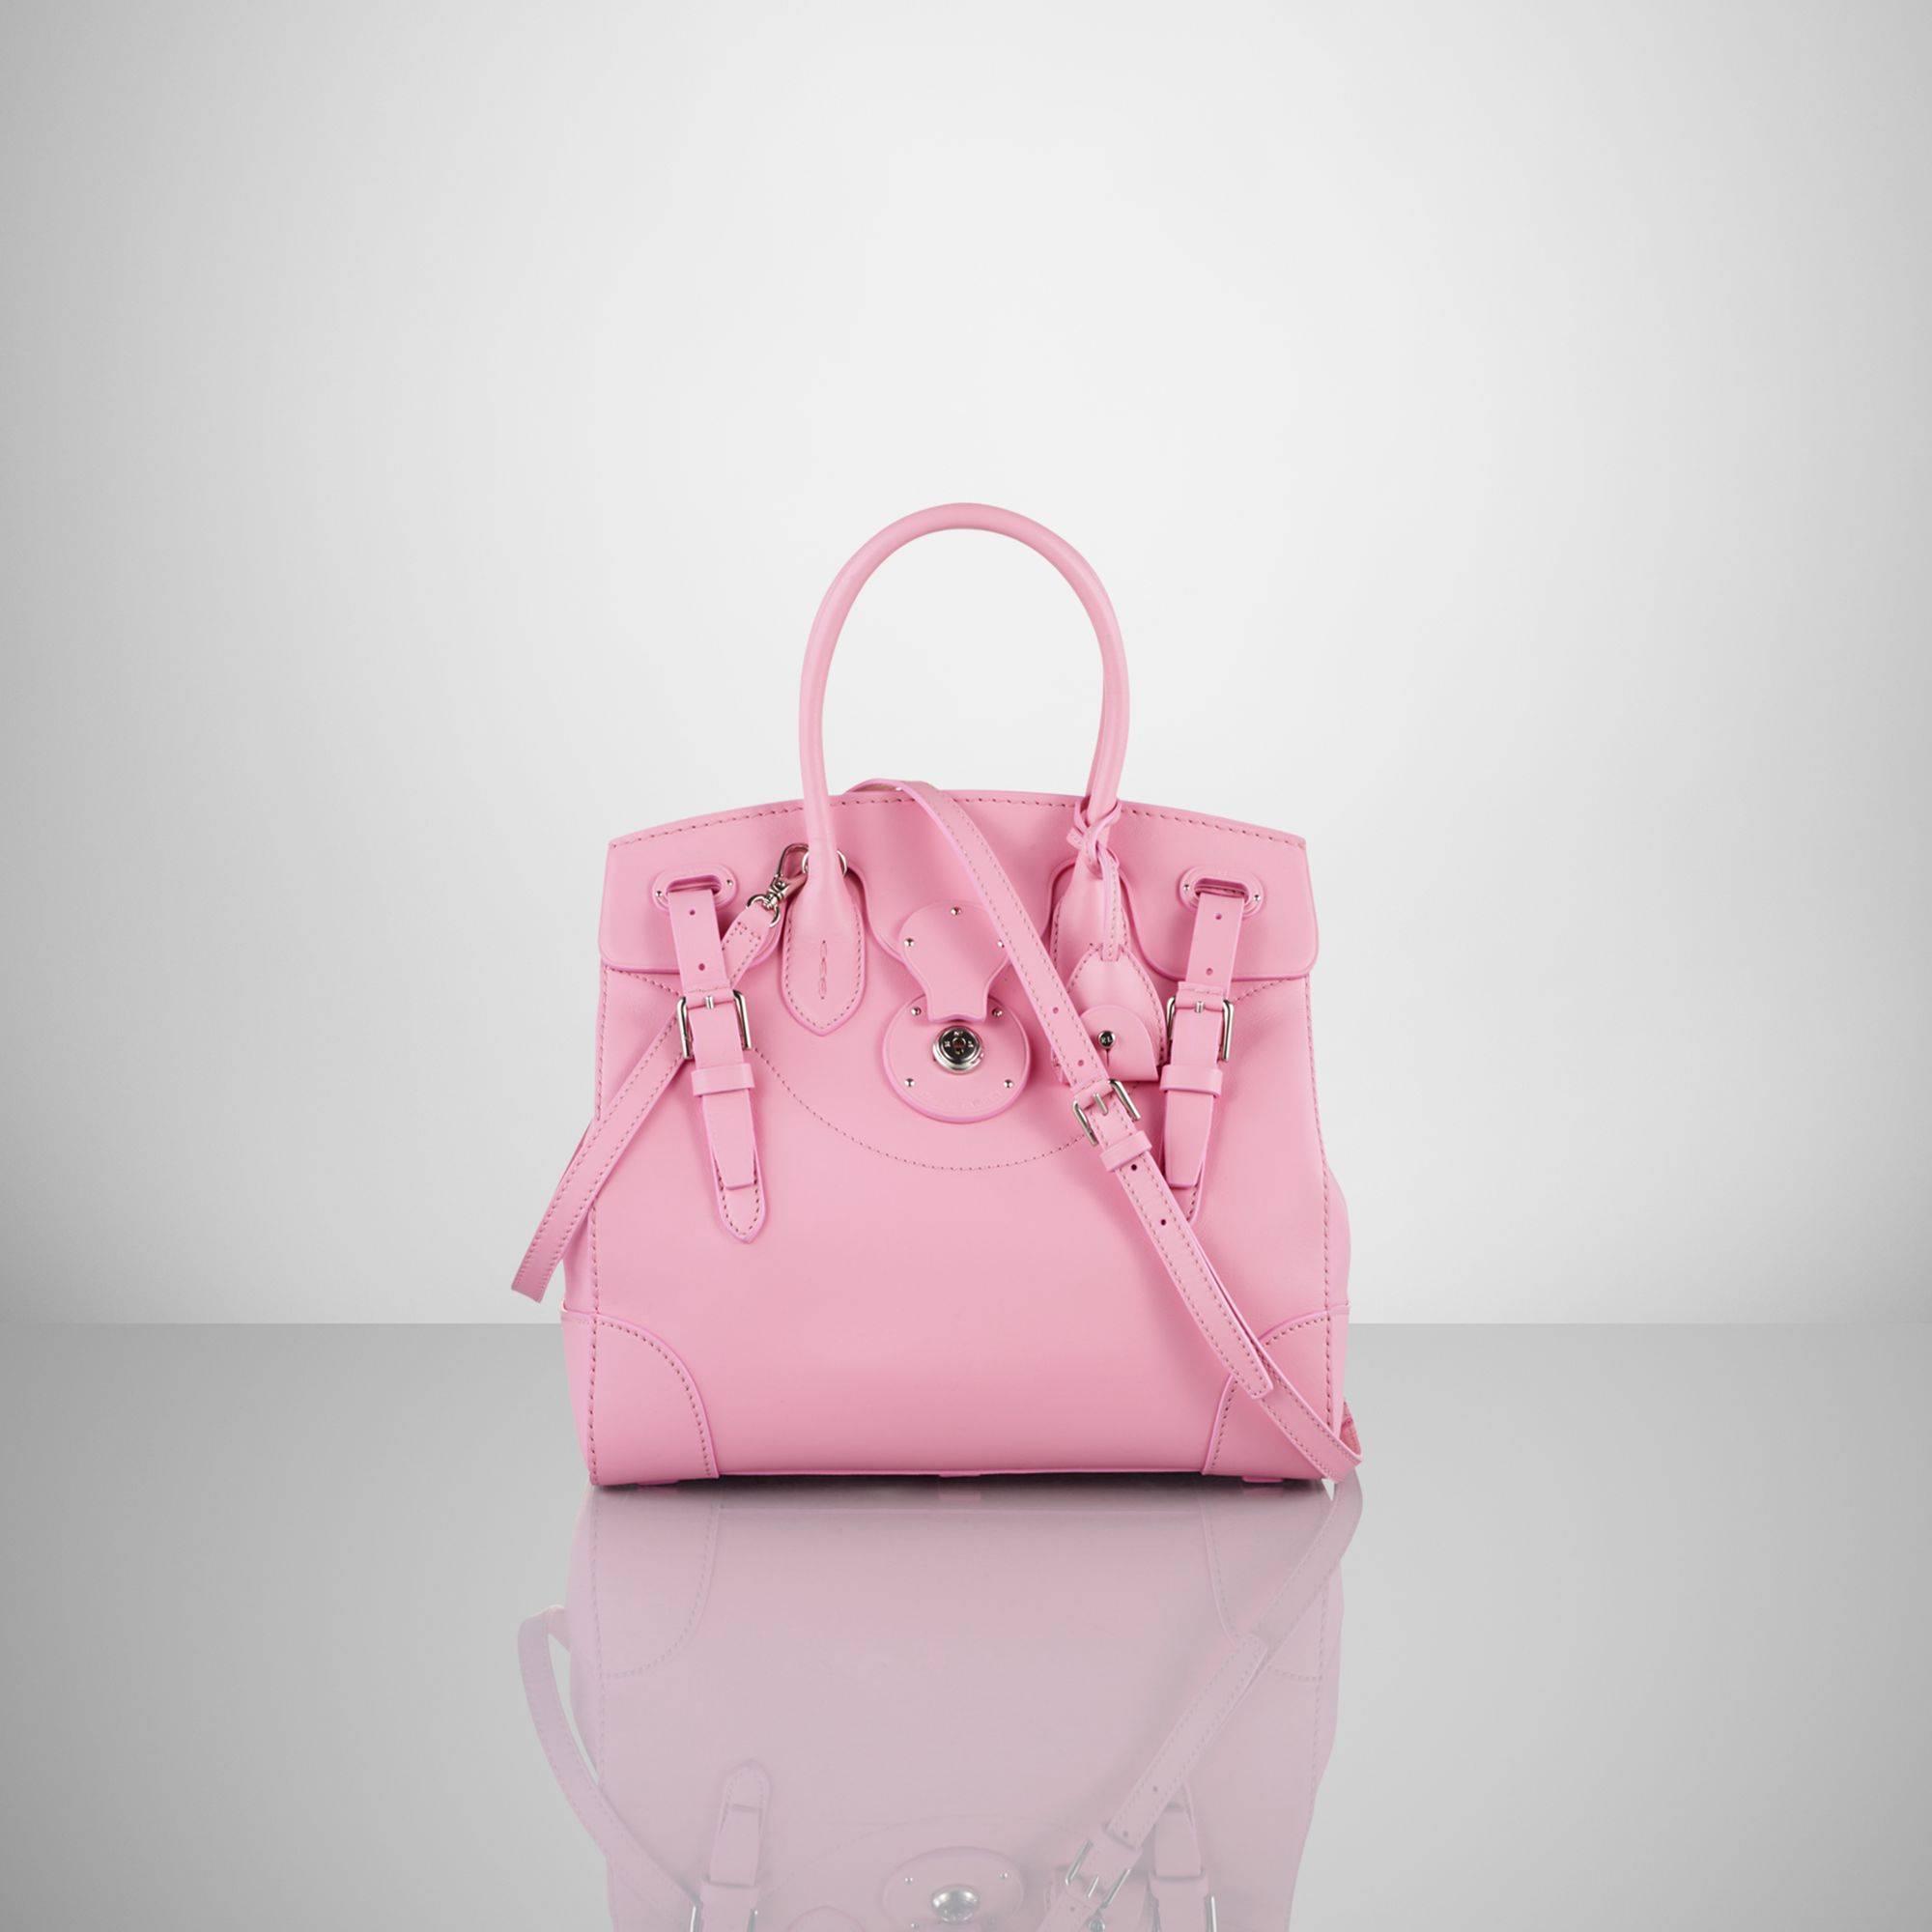 RL Pink Pony Ricky